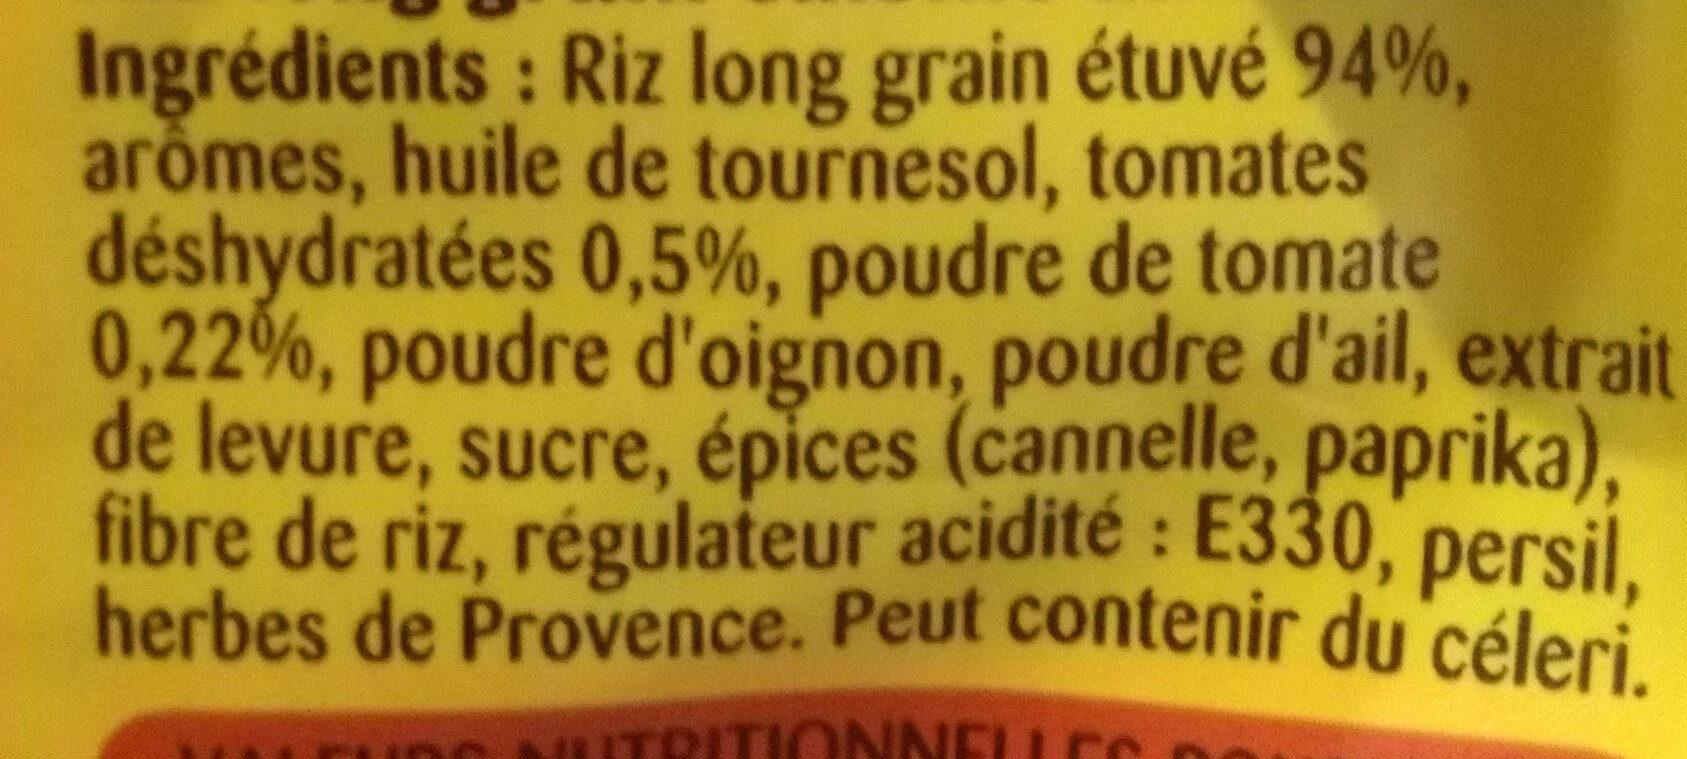 Lustucru riz a poeler tomates - Ingredientes - fr